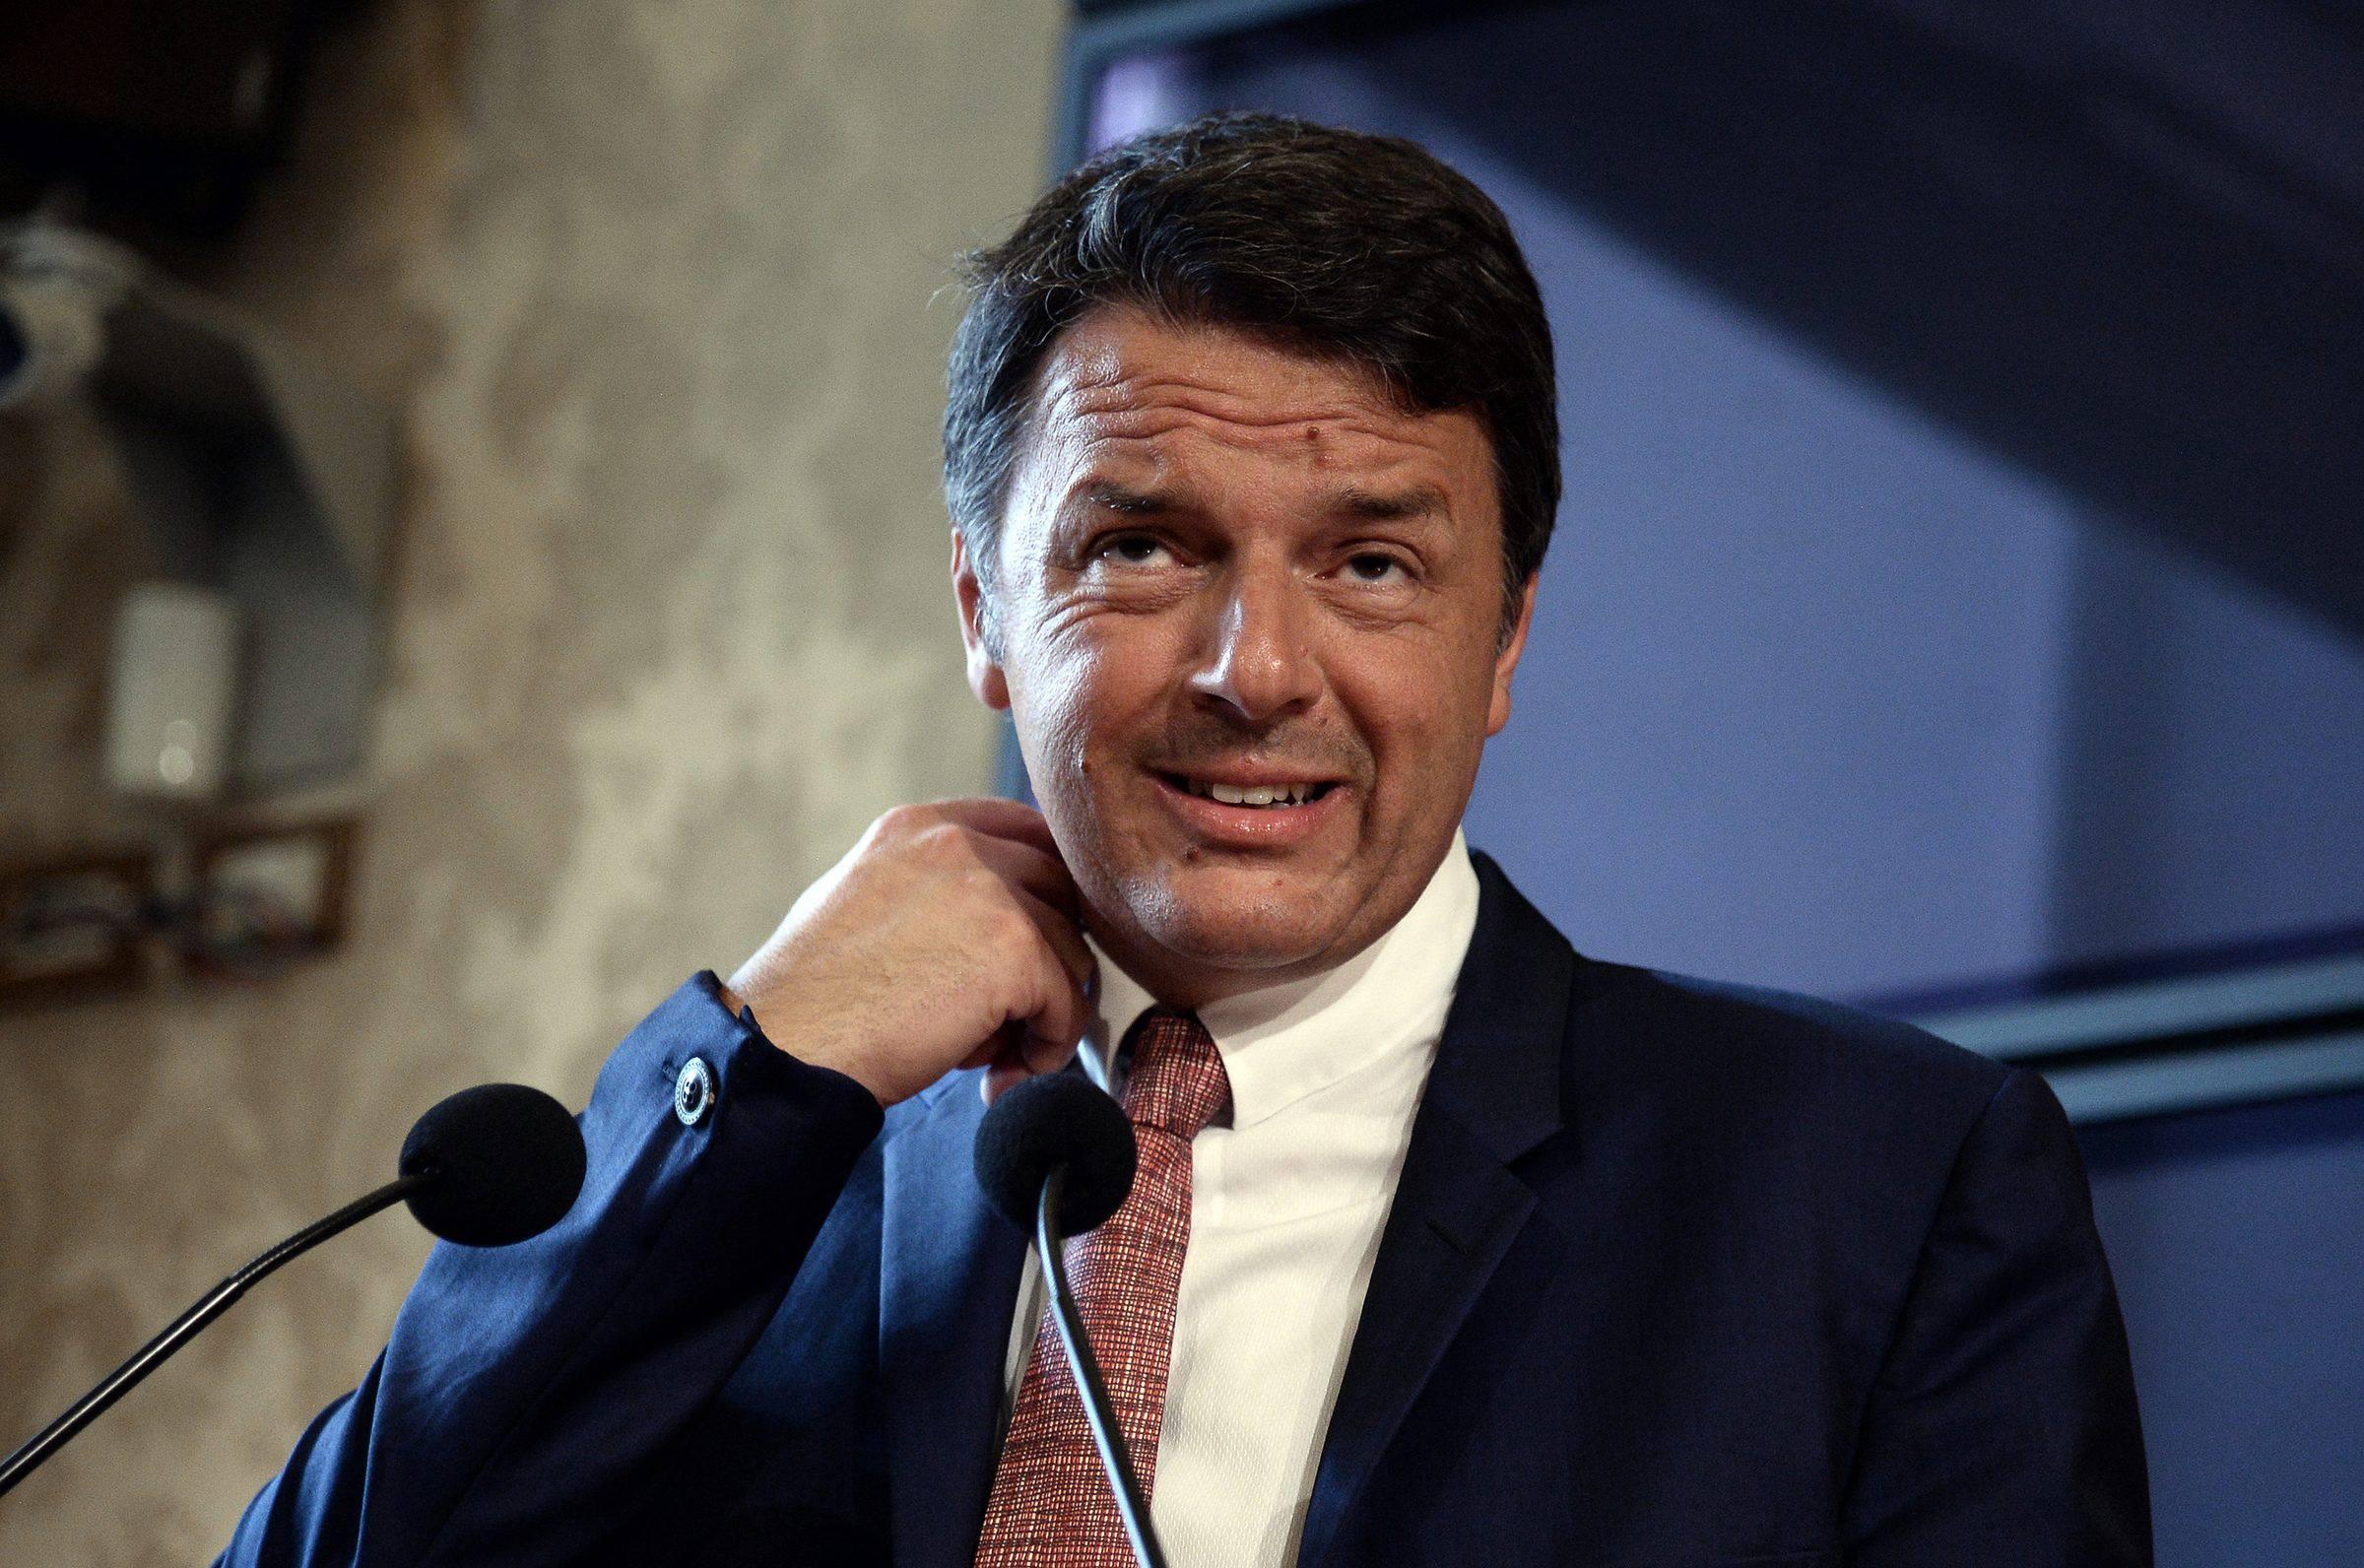 """Matteo Renzi nel mirino della Procura di Firenze: """"La Fondazione Open ha finanziato la sua carriera politica illecitamente"""" - Leggilo.org"""